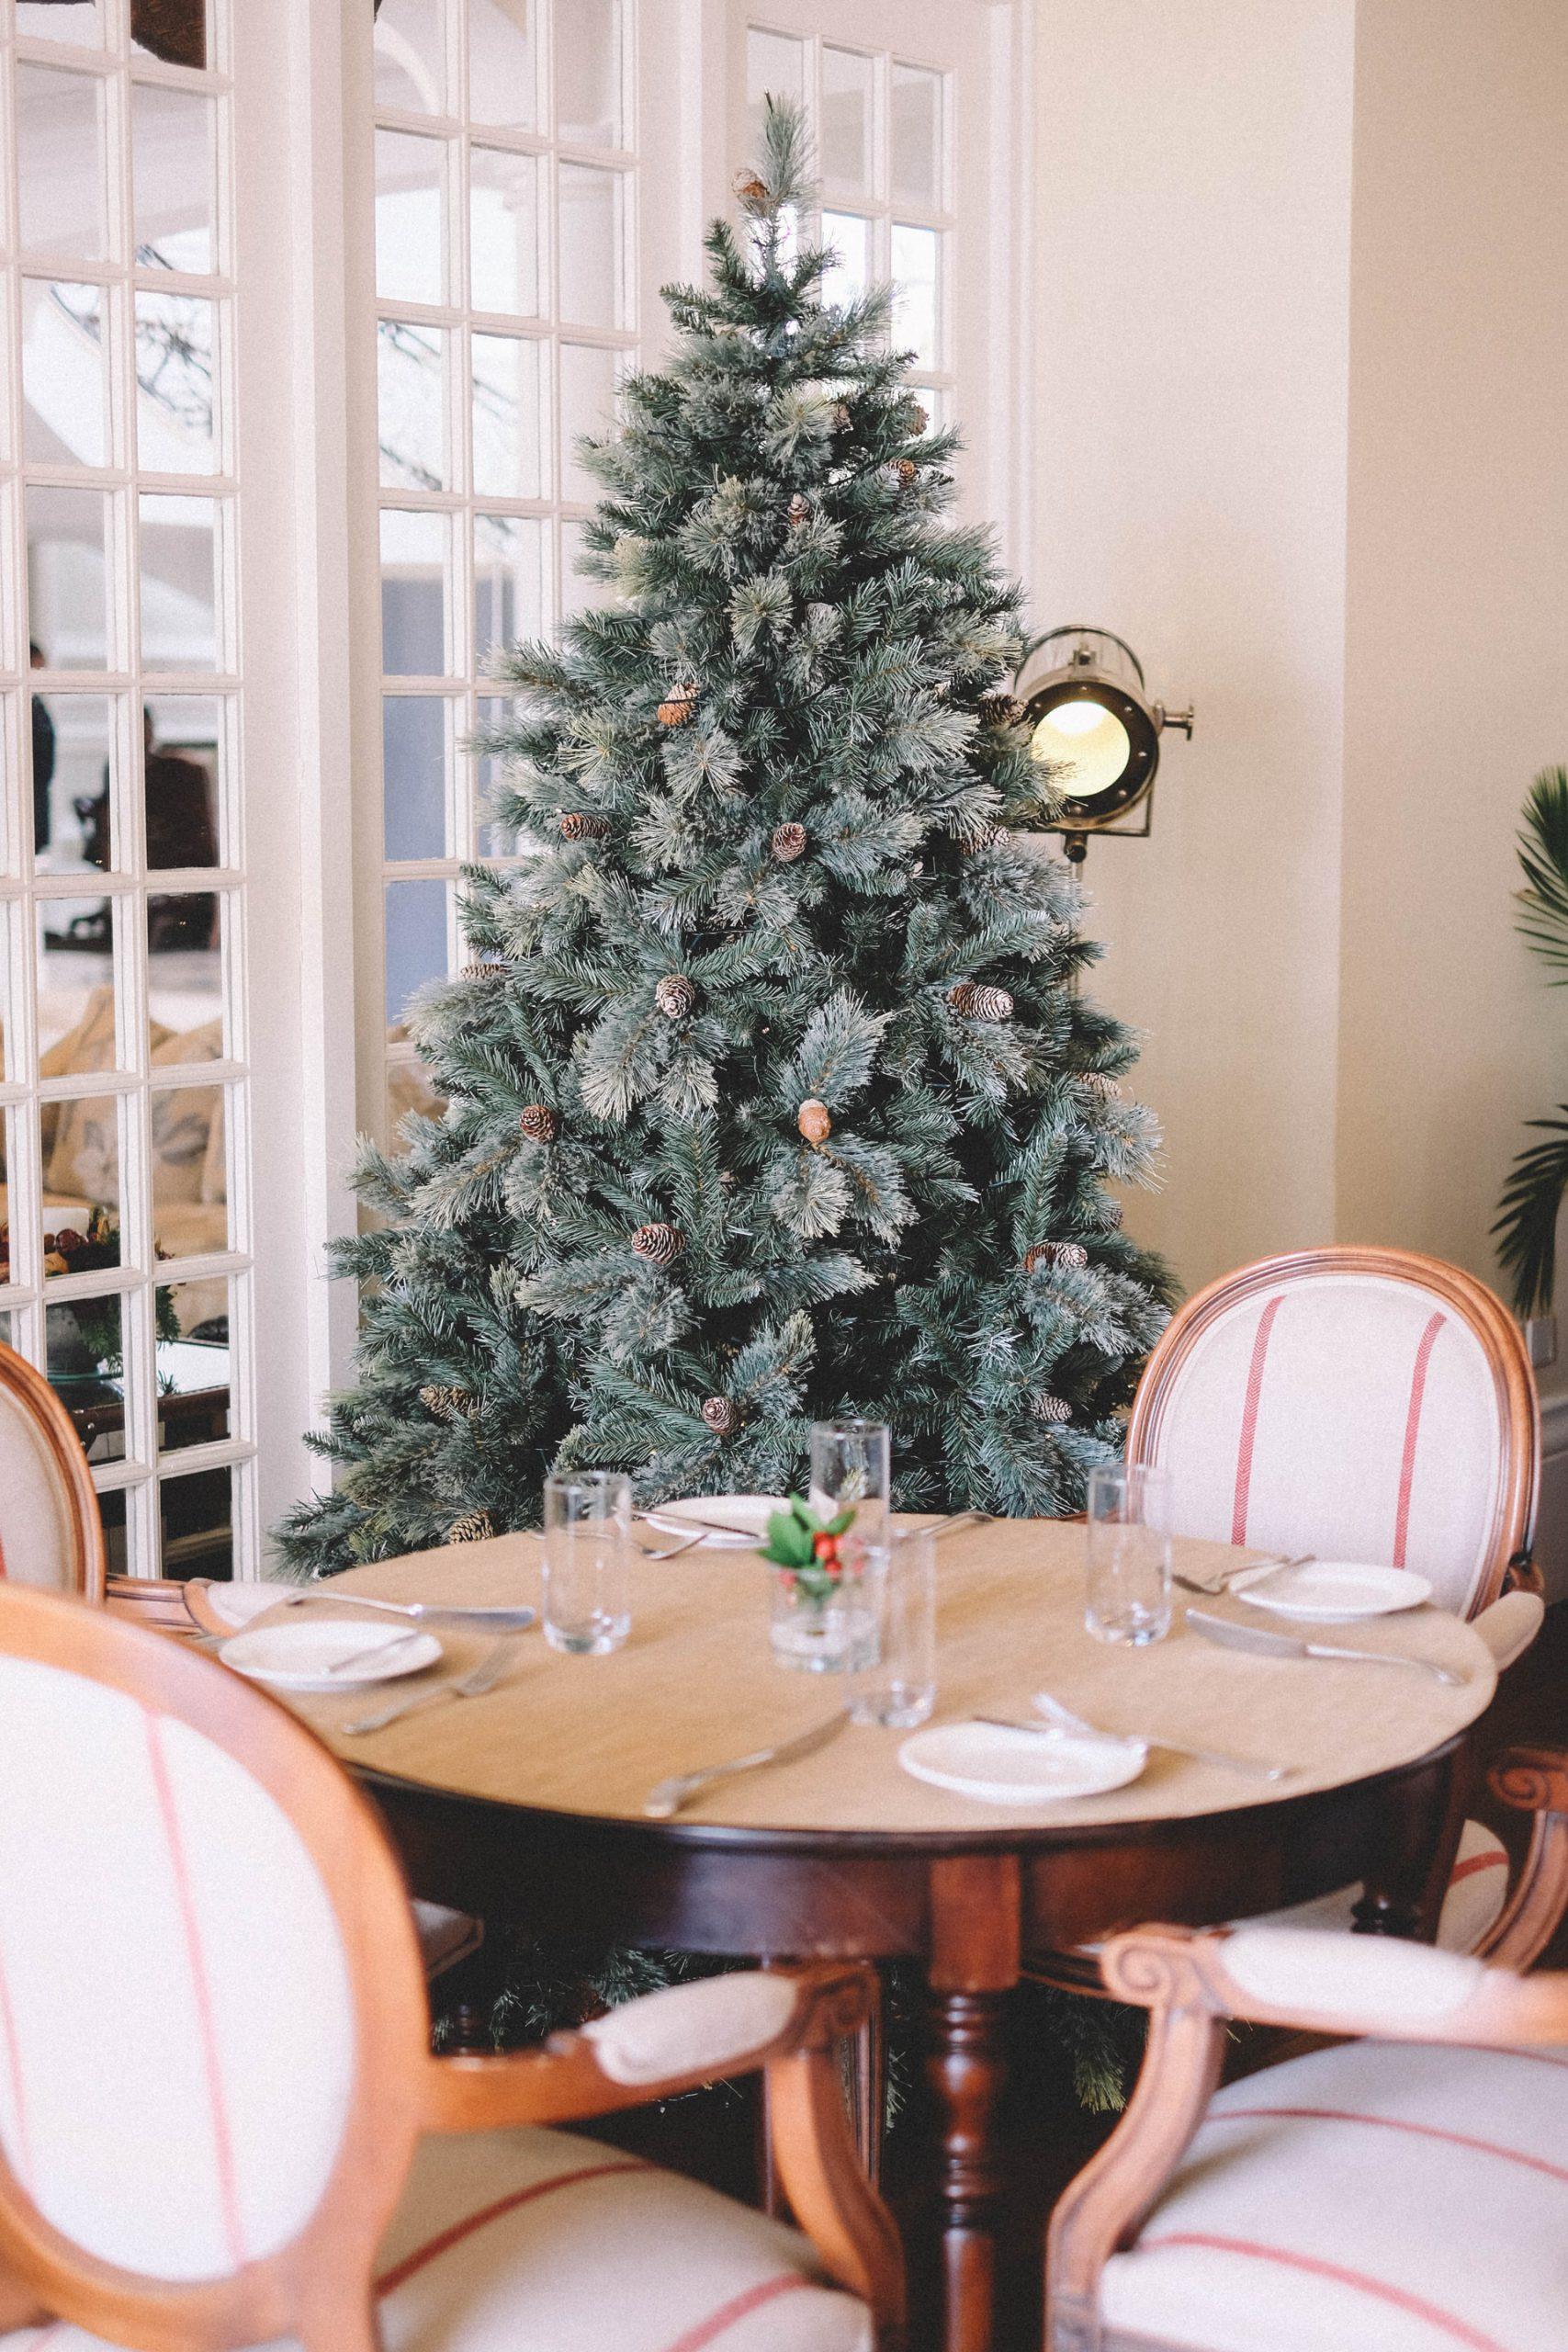 eetkamer met kerstboom